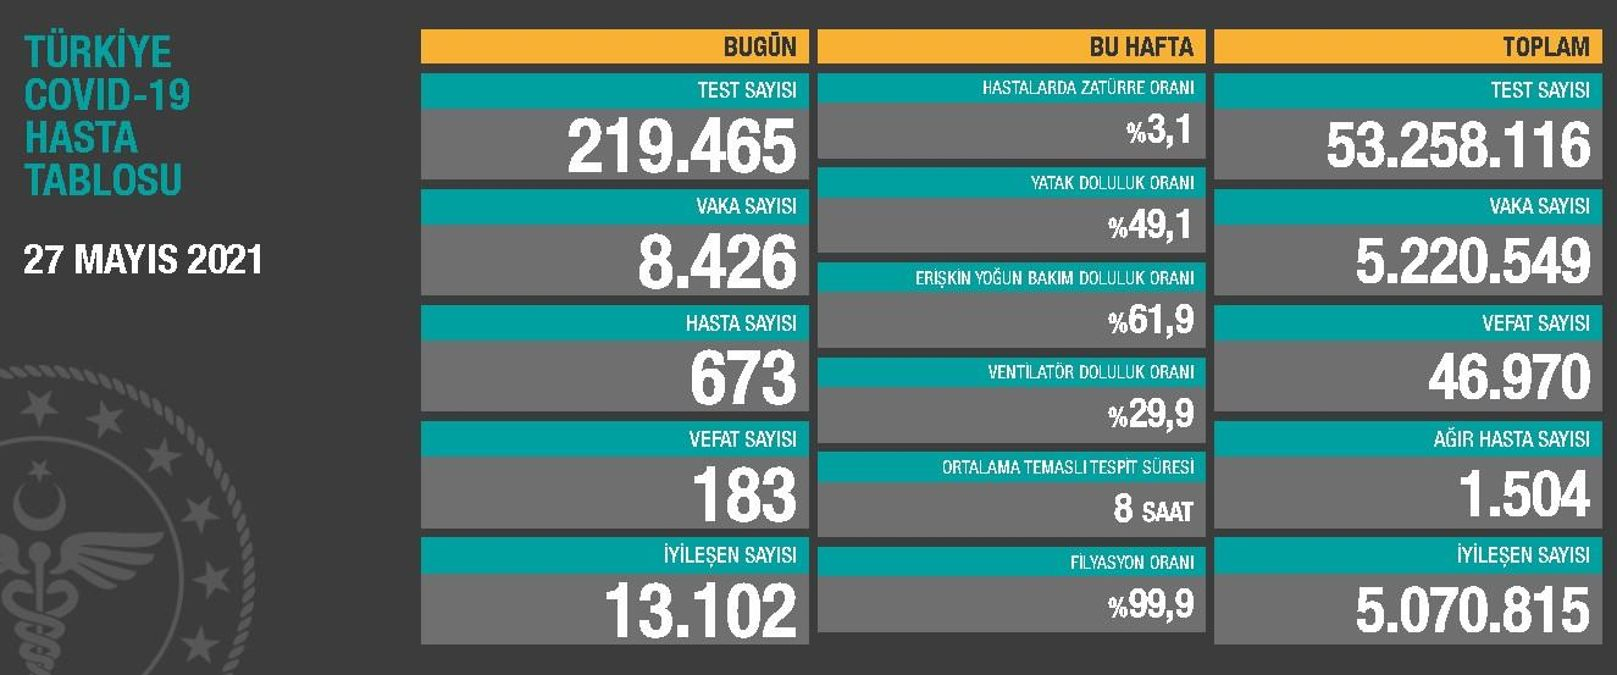 27 Mayıs Perşembe Koronavirüs tablosu açıklandı! 27 Mayıs Perşembe günü Türkiye'de bugün koronavirüsten kaç kişi öldü, kaç kişi iyileşti?